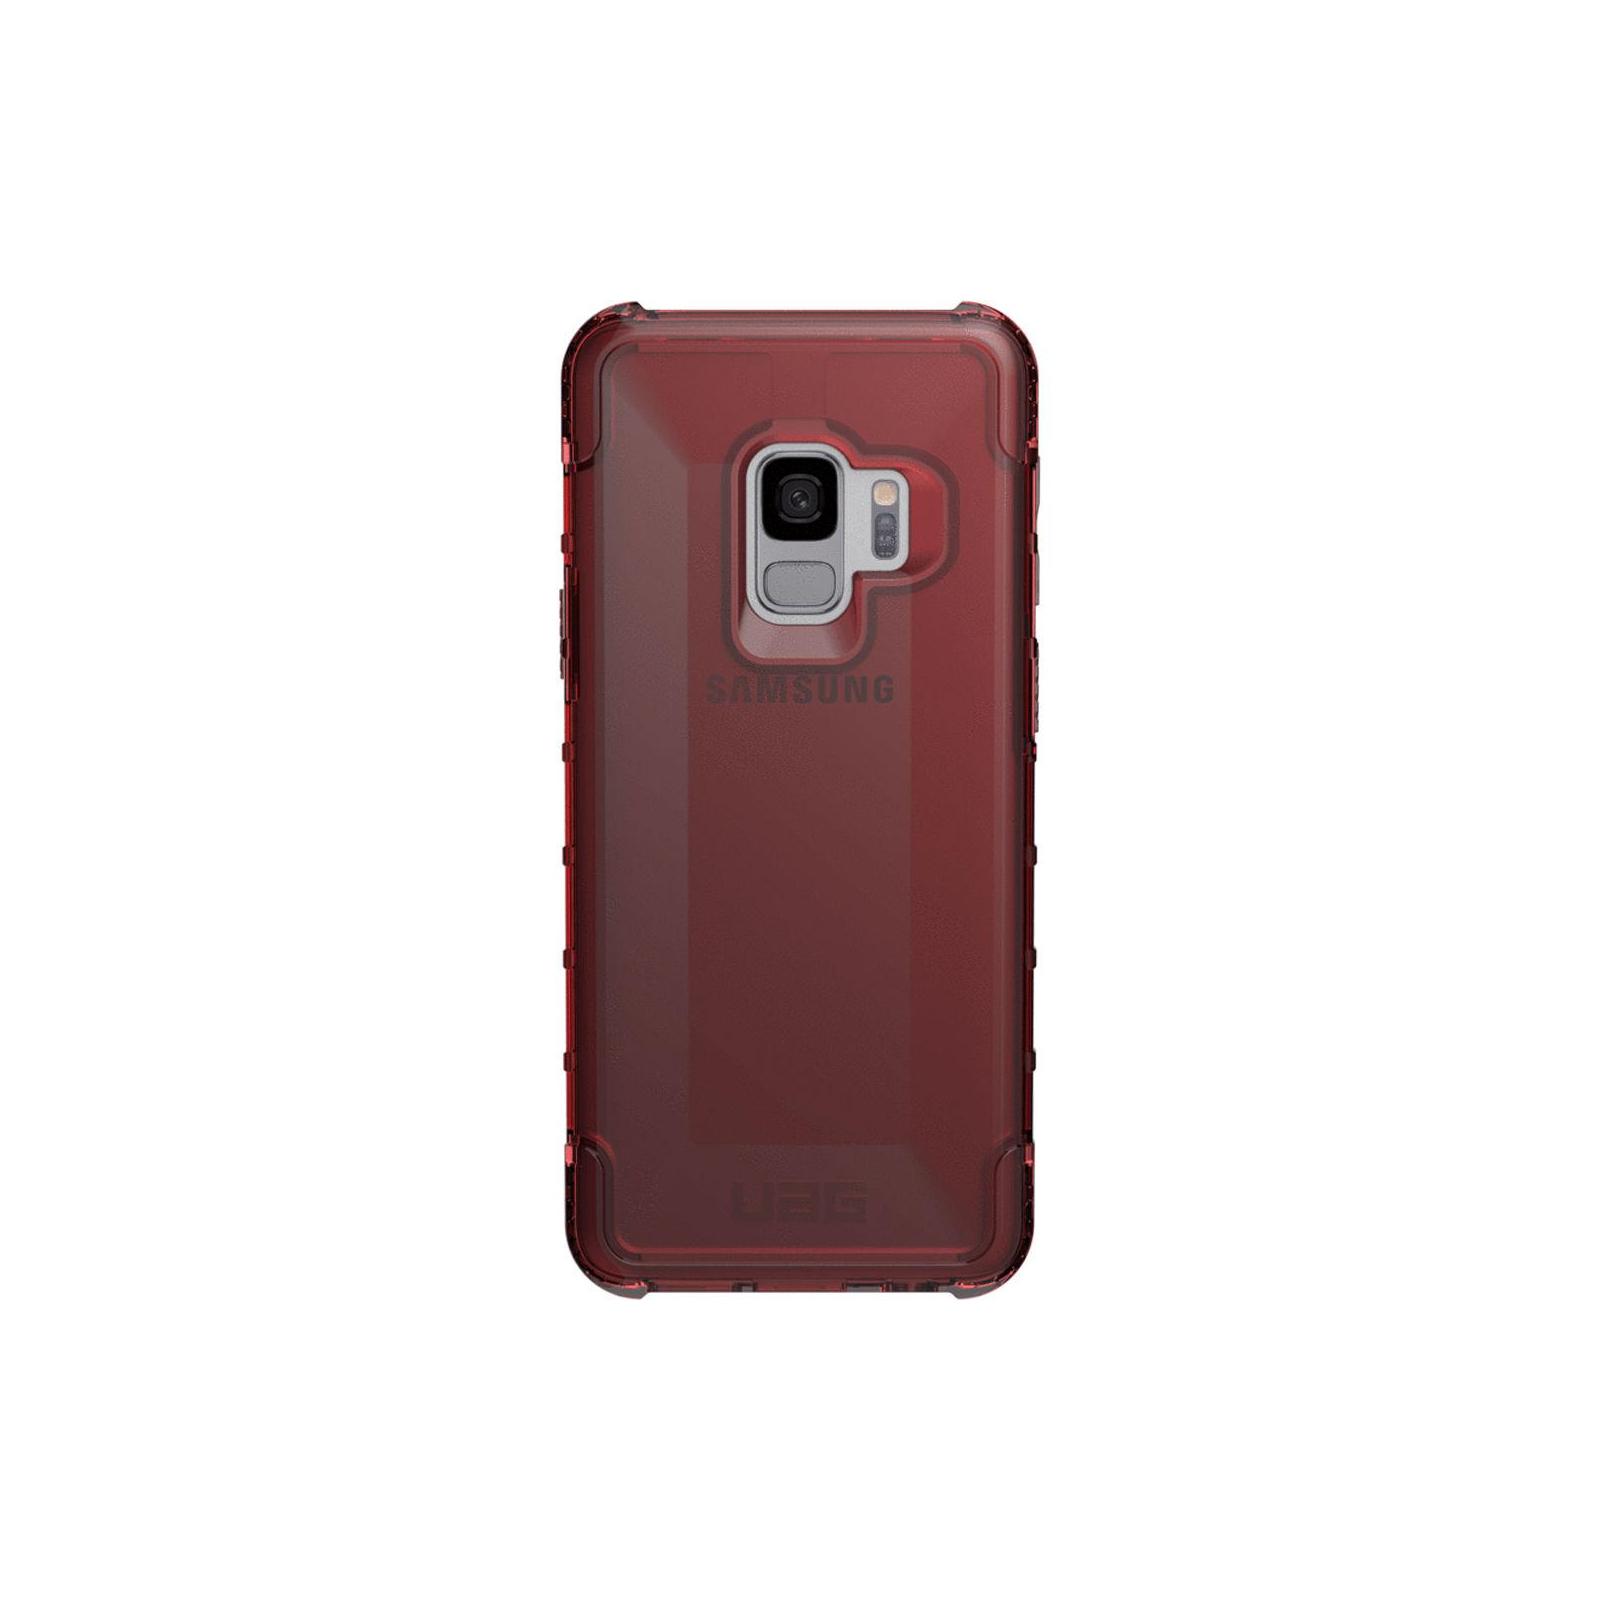 Чехол для моб. телефона Urban Armor Gear Galaxy S9 Plyo Case Crimson (GLXS9-Y-CR)